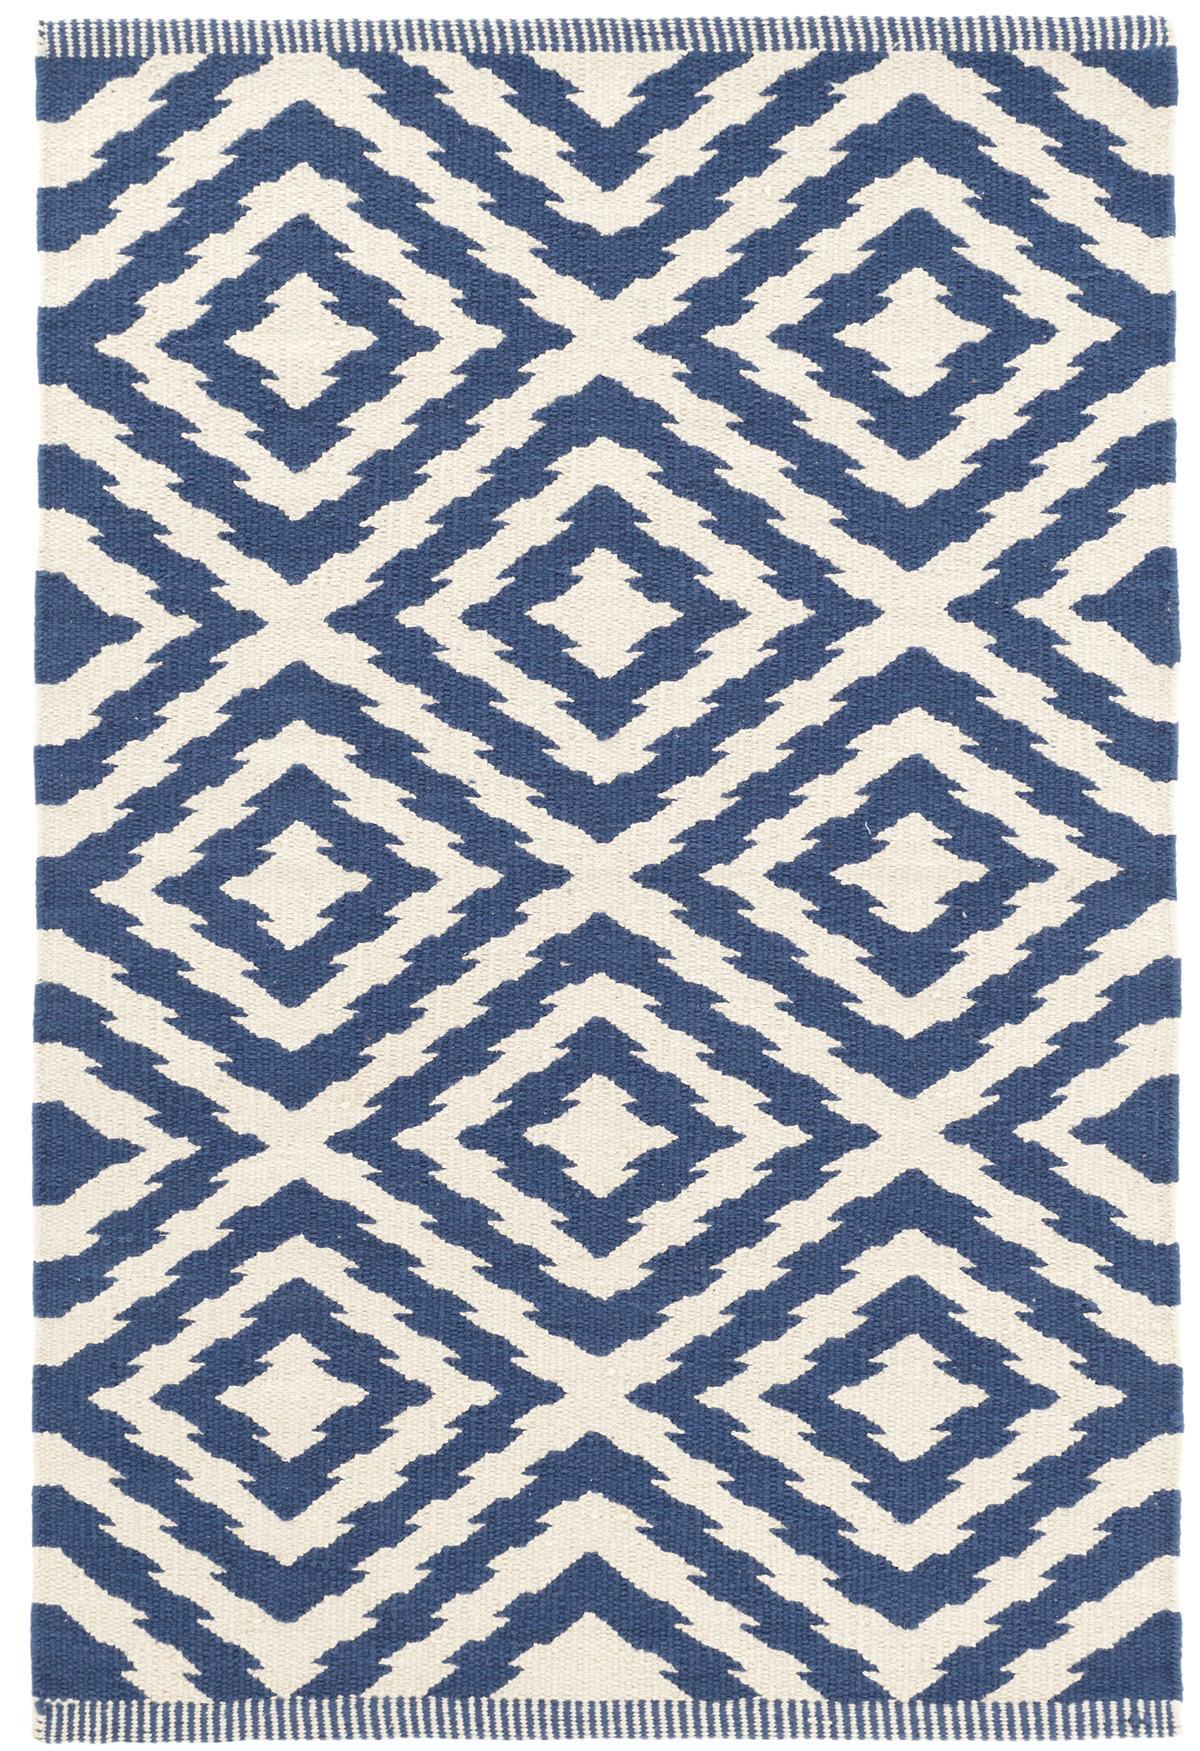 Clover Blue Woven Cotton Rug